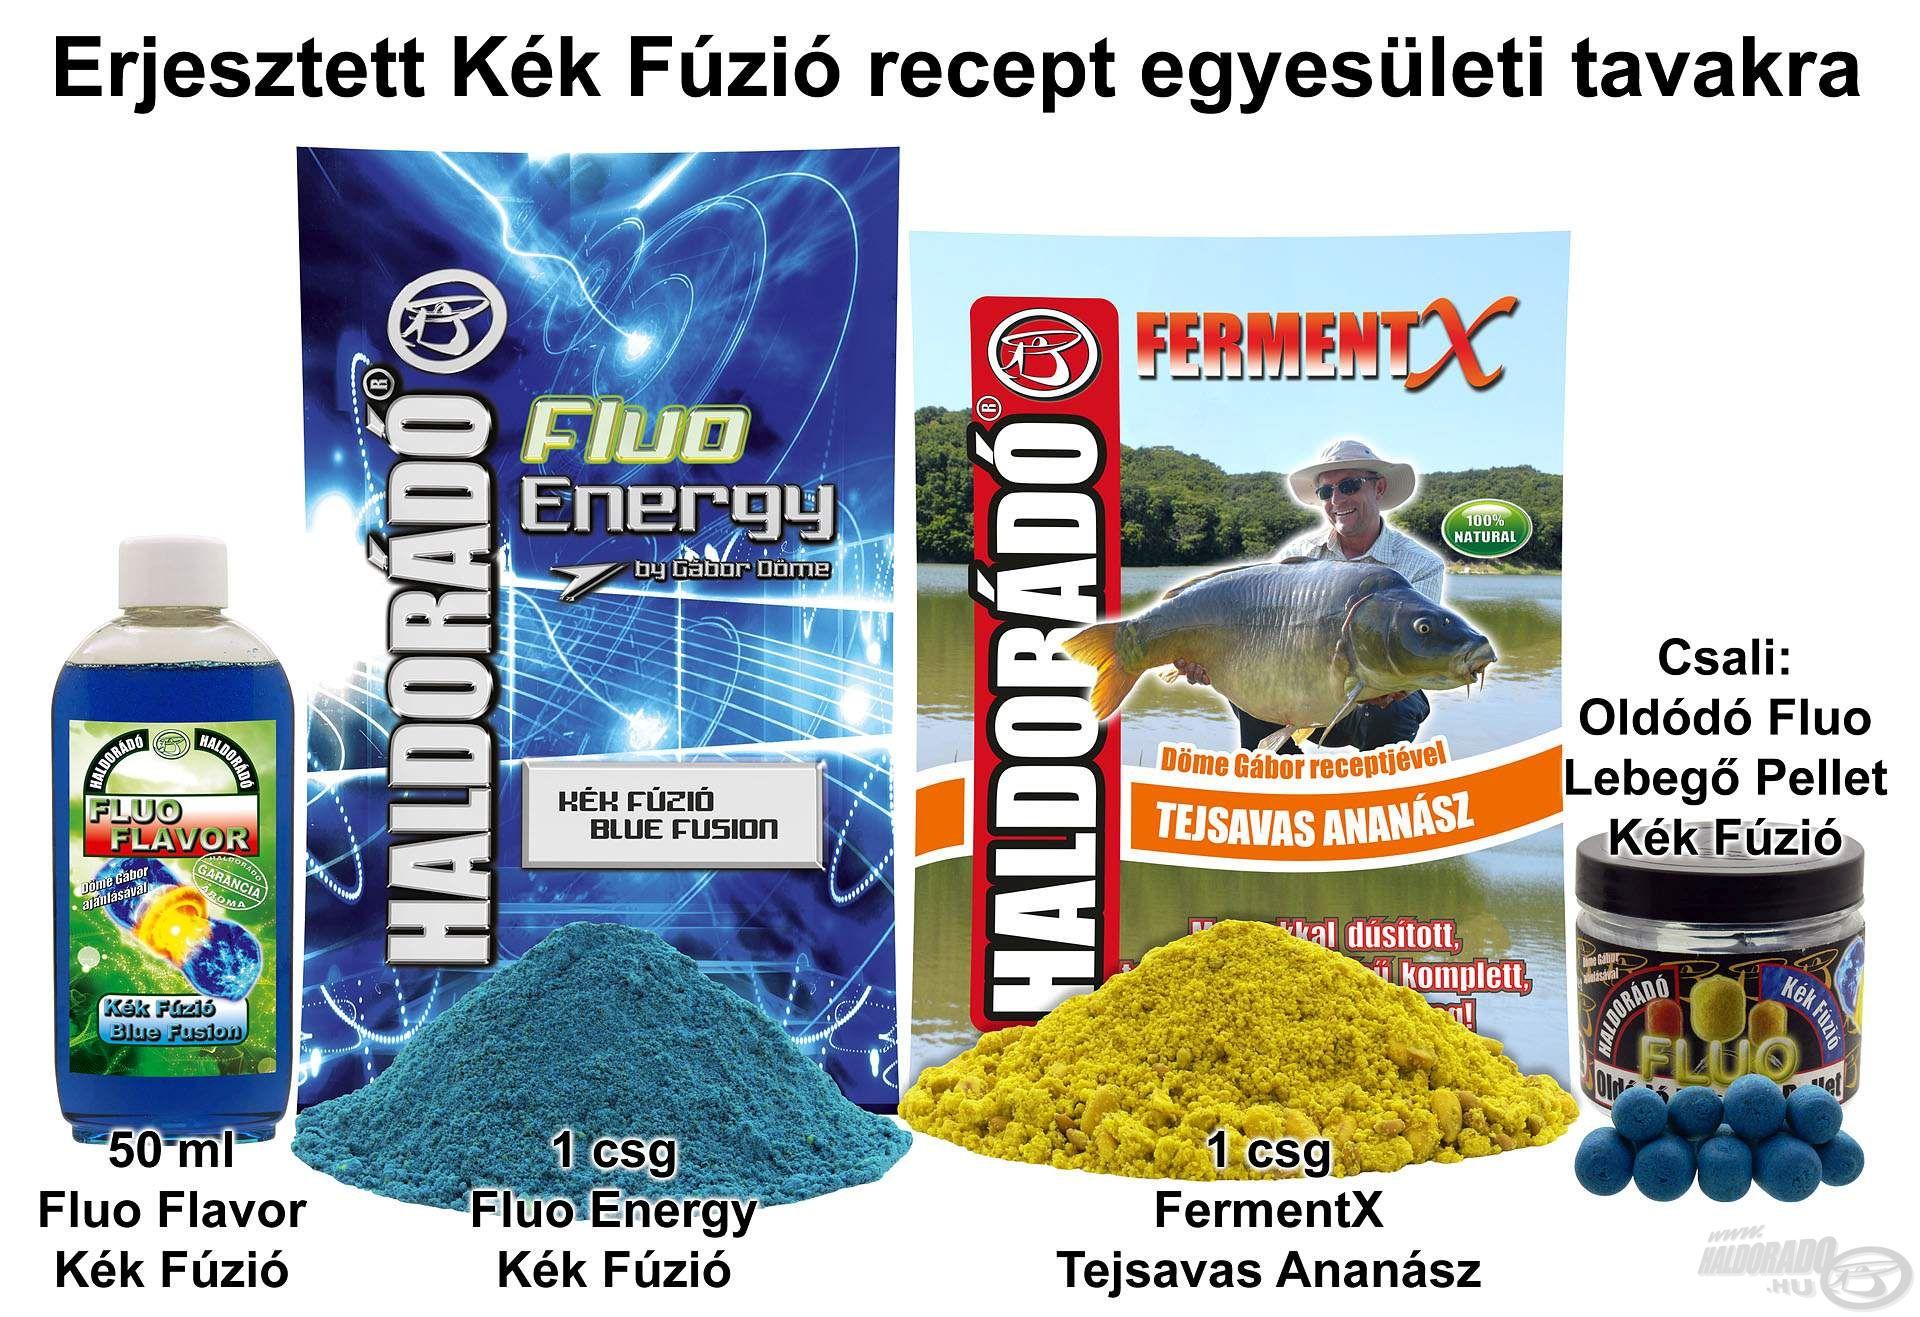 Erjesztett Kék Fúzió recept egyesületi tavakra